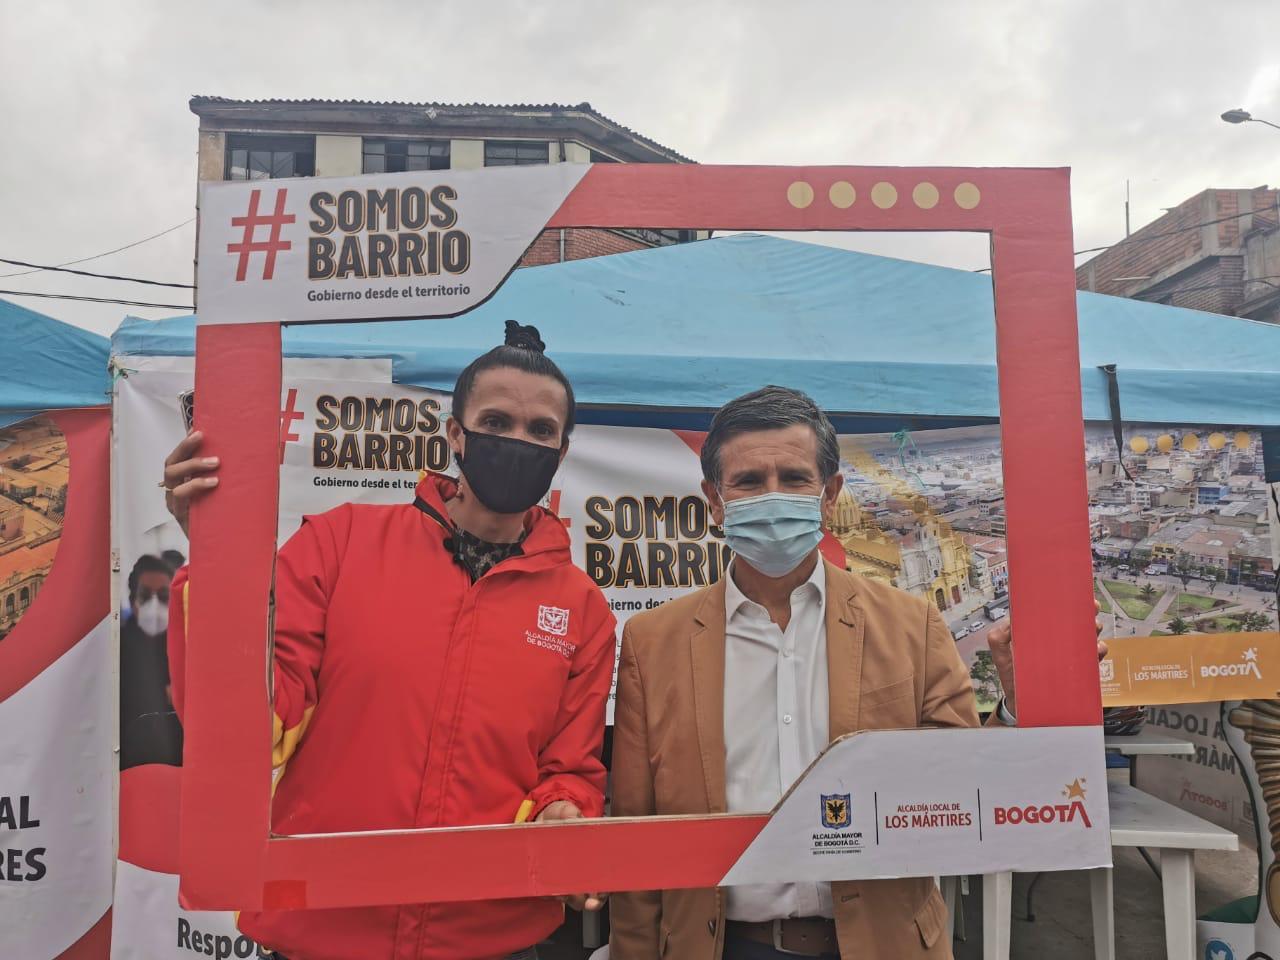 Con show de fuegos artificiales y balance positivo se cerró jornada de #SomosBarrio en la localidad de Los Mártires.